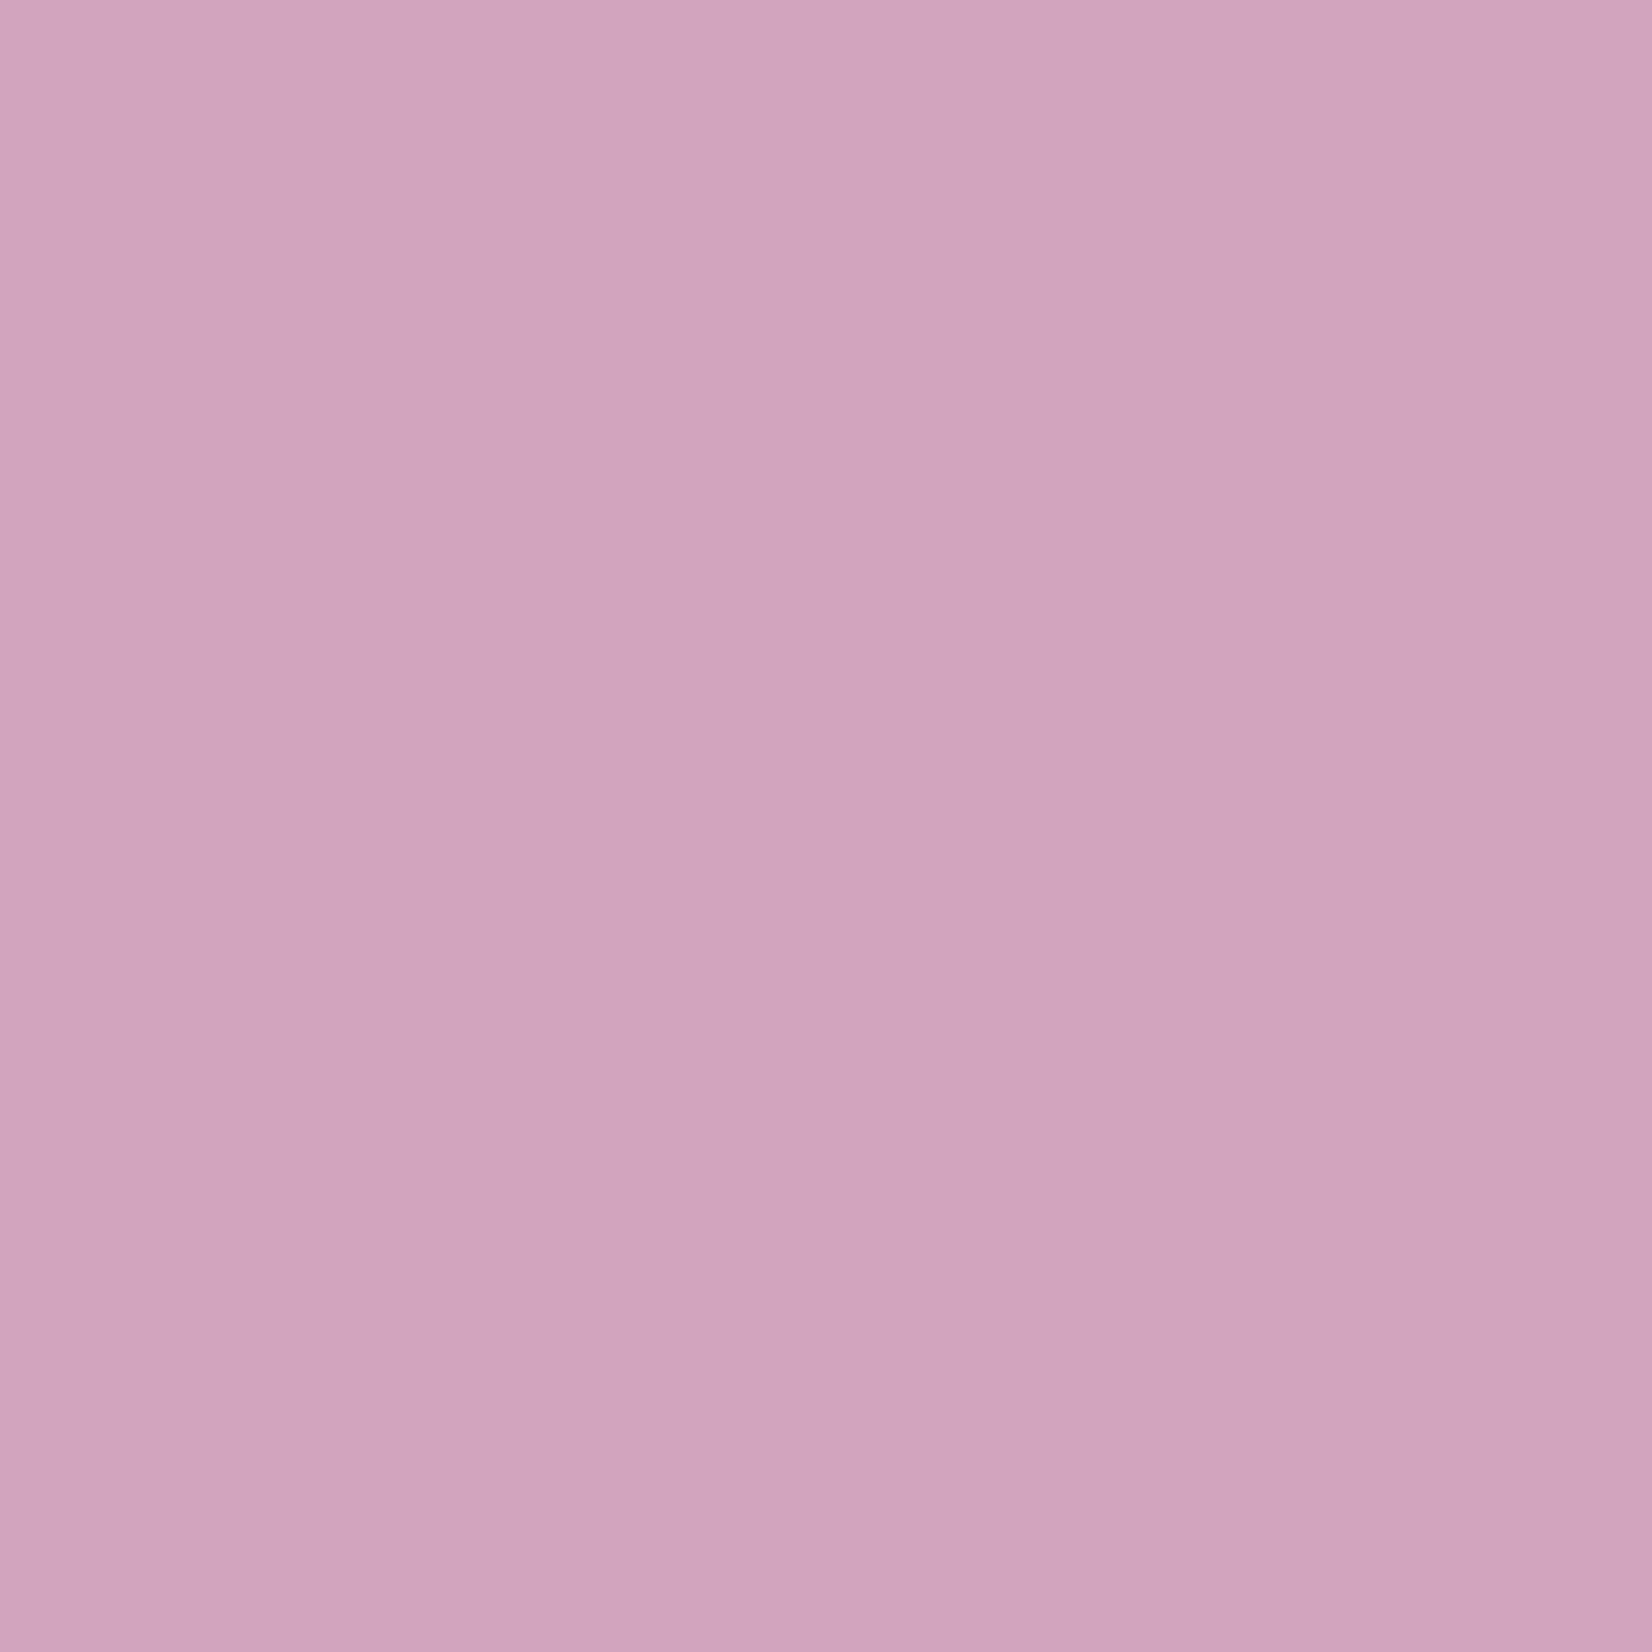 Tilda Tilda Basics Solids, Lavender Pink - per cm or $20/m